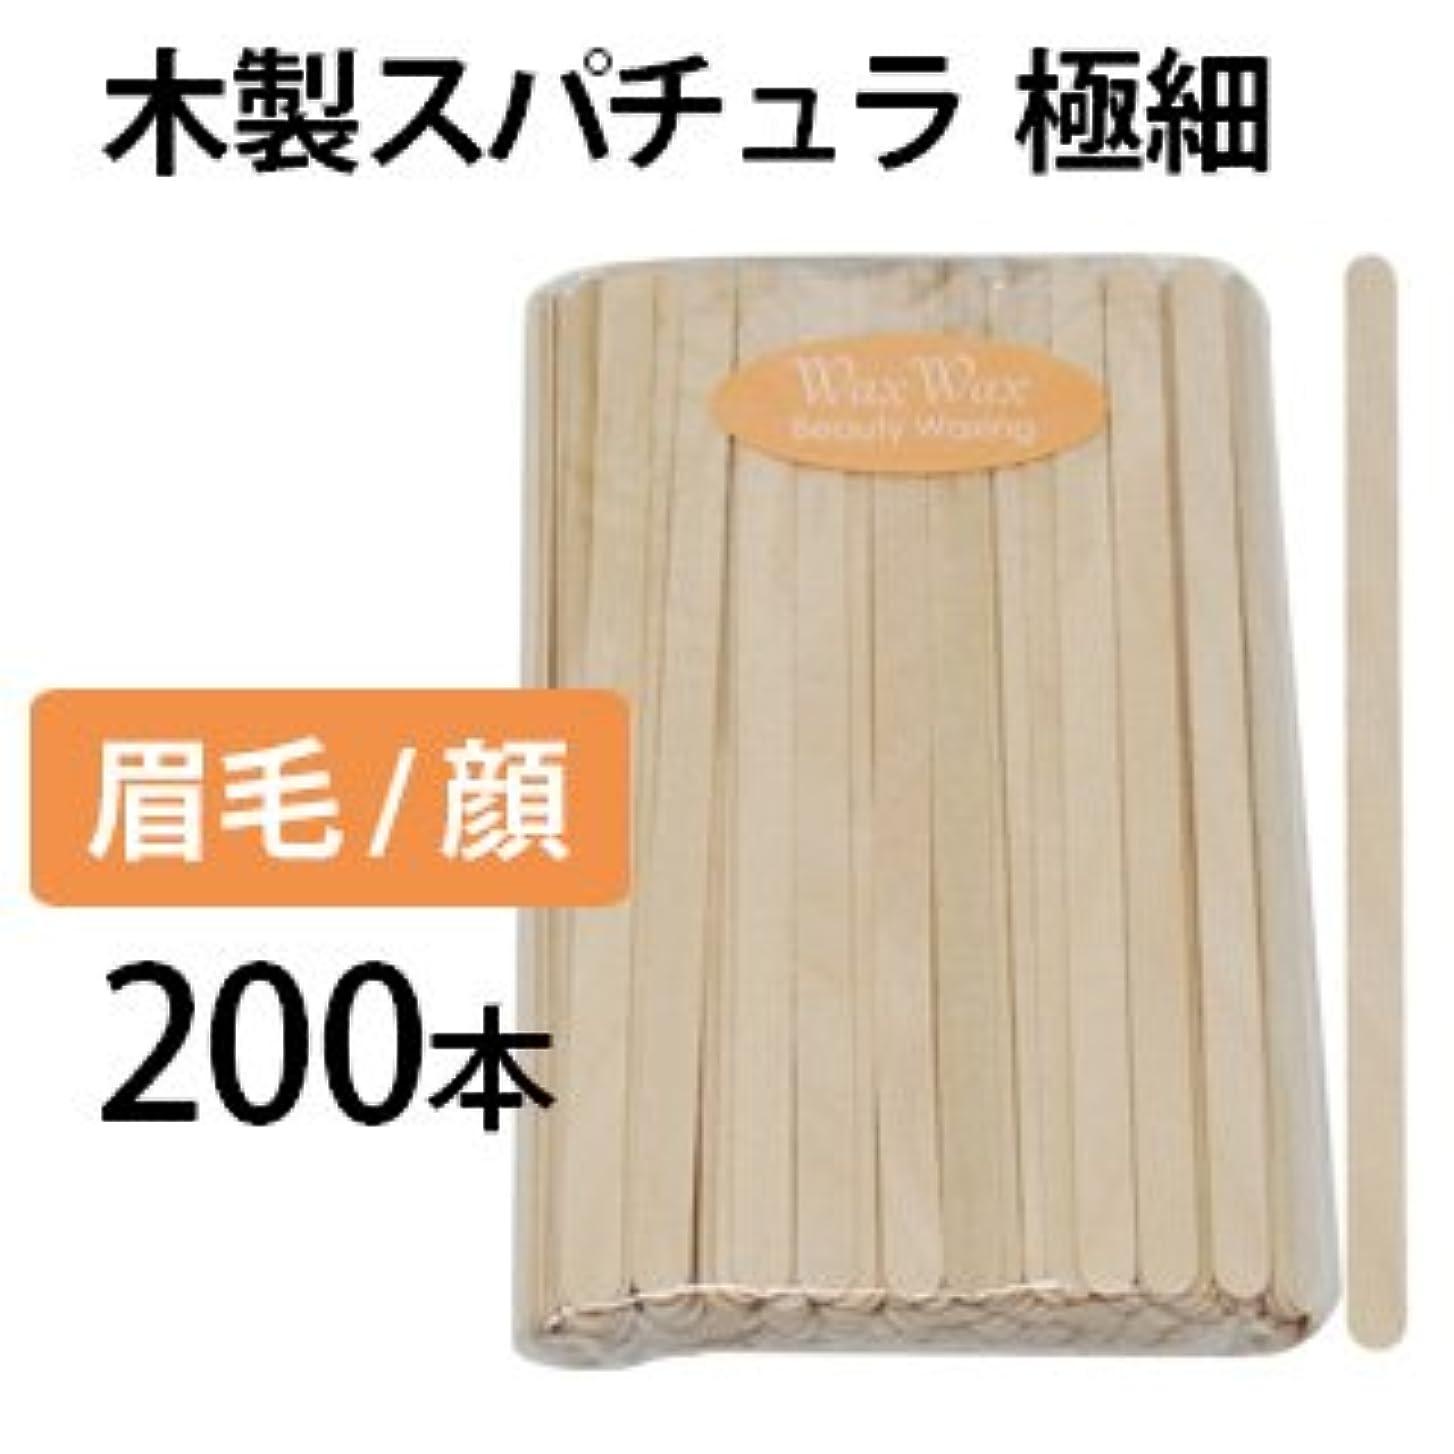 眉毛 アイブロウ用スパチュラ 200本セット 極細 木製スパチュラ 使い捨て